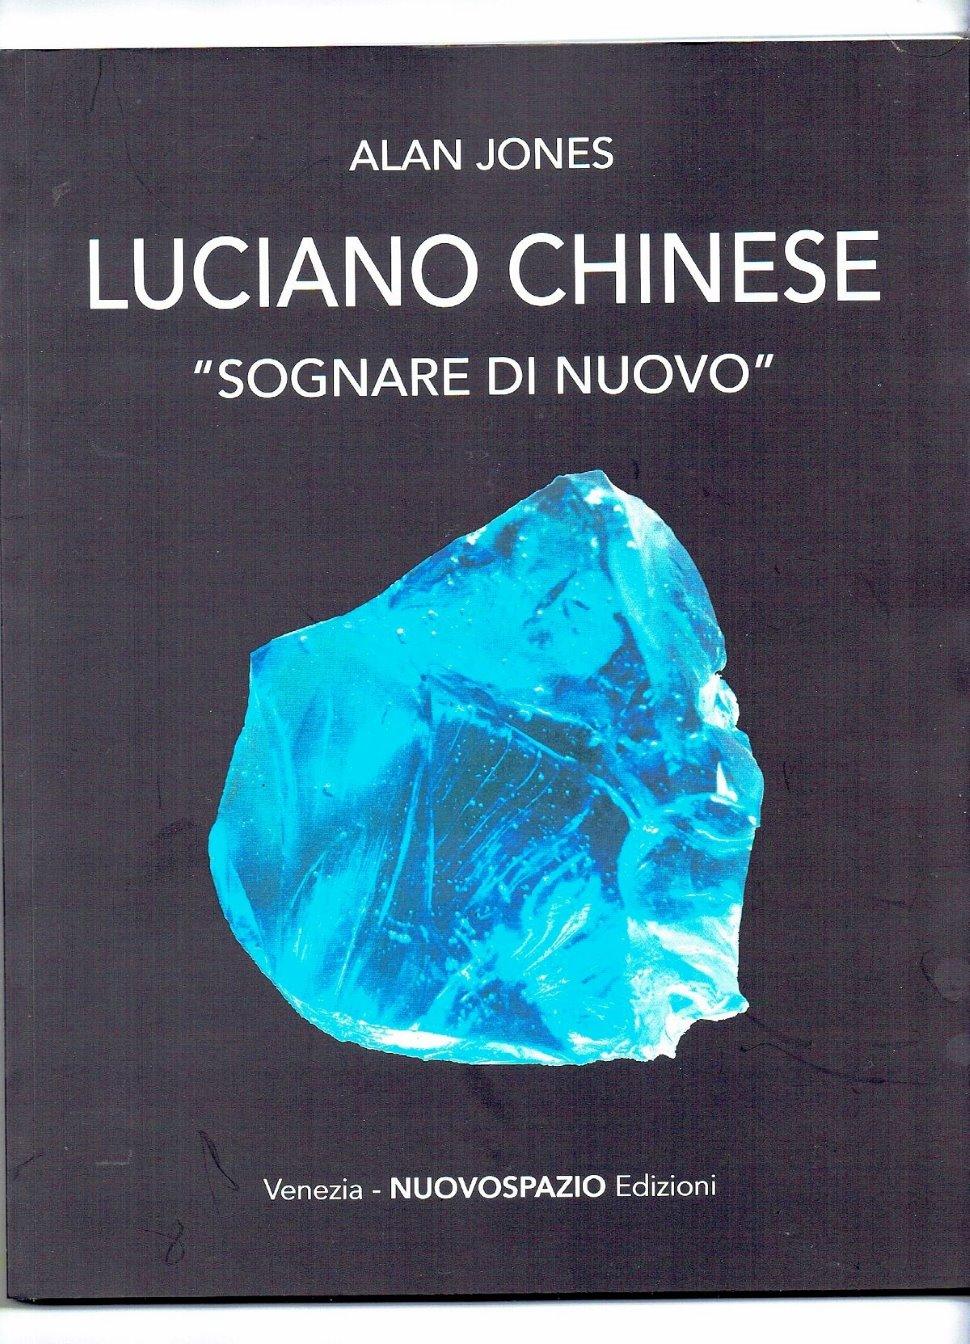 """PRESENTAZIONE DEL LIBRO DI ALAN JONES """"LUCIANO CHINESE.SOGNARE DI NUOVO"""" ALLA FONDAZIONE CARIGO DI GORIZIA"""